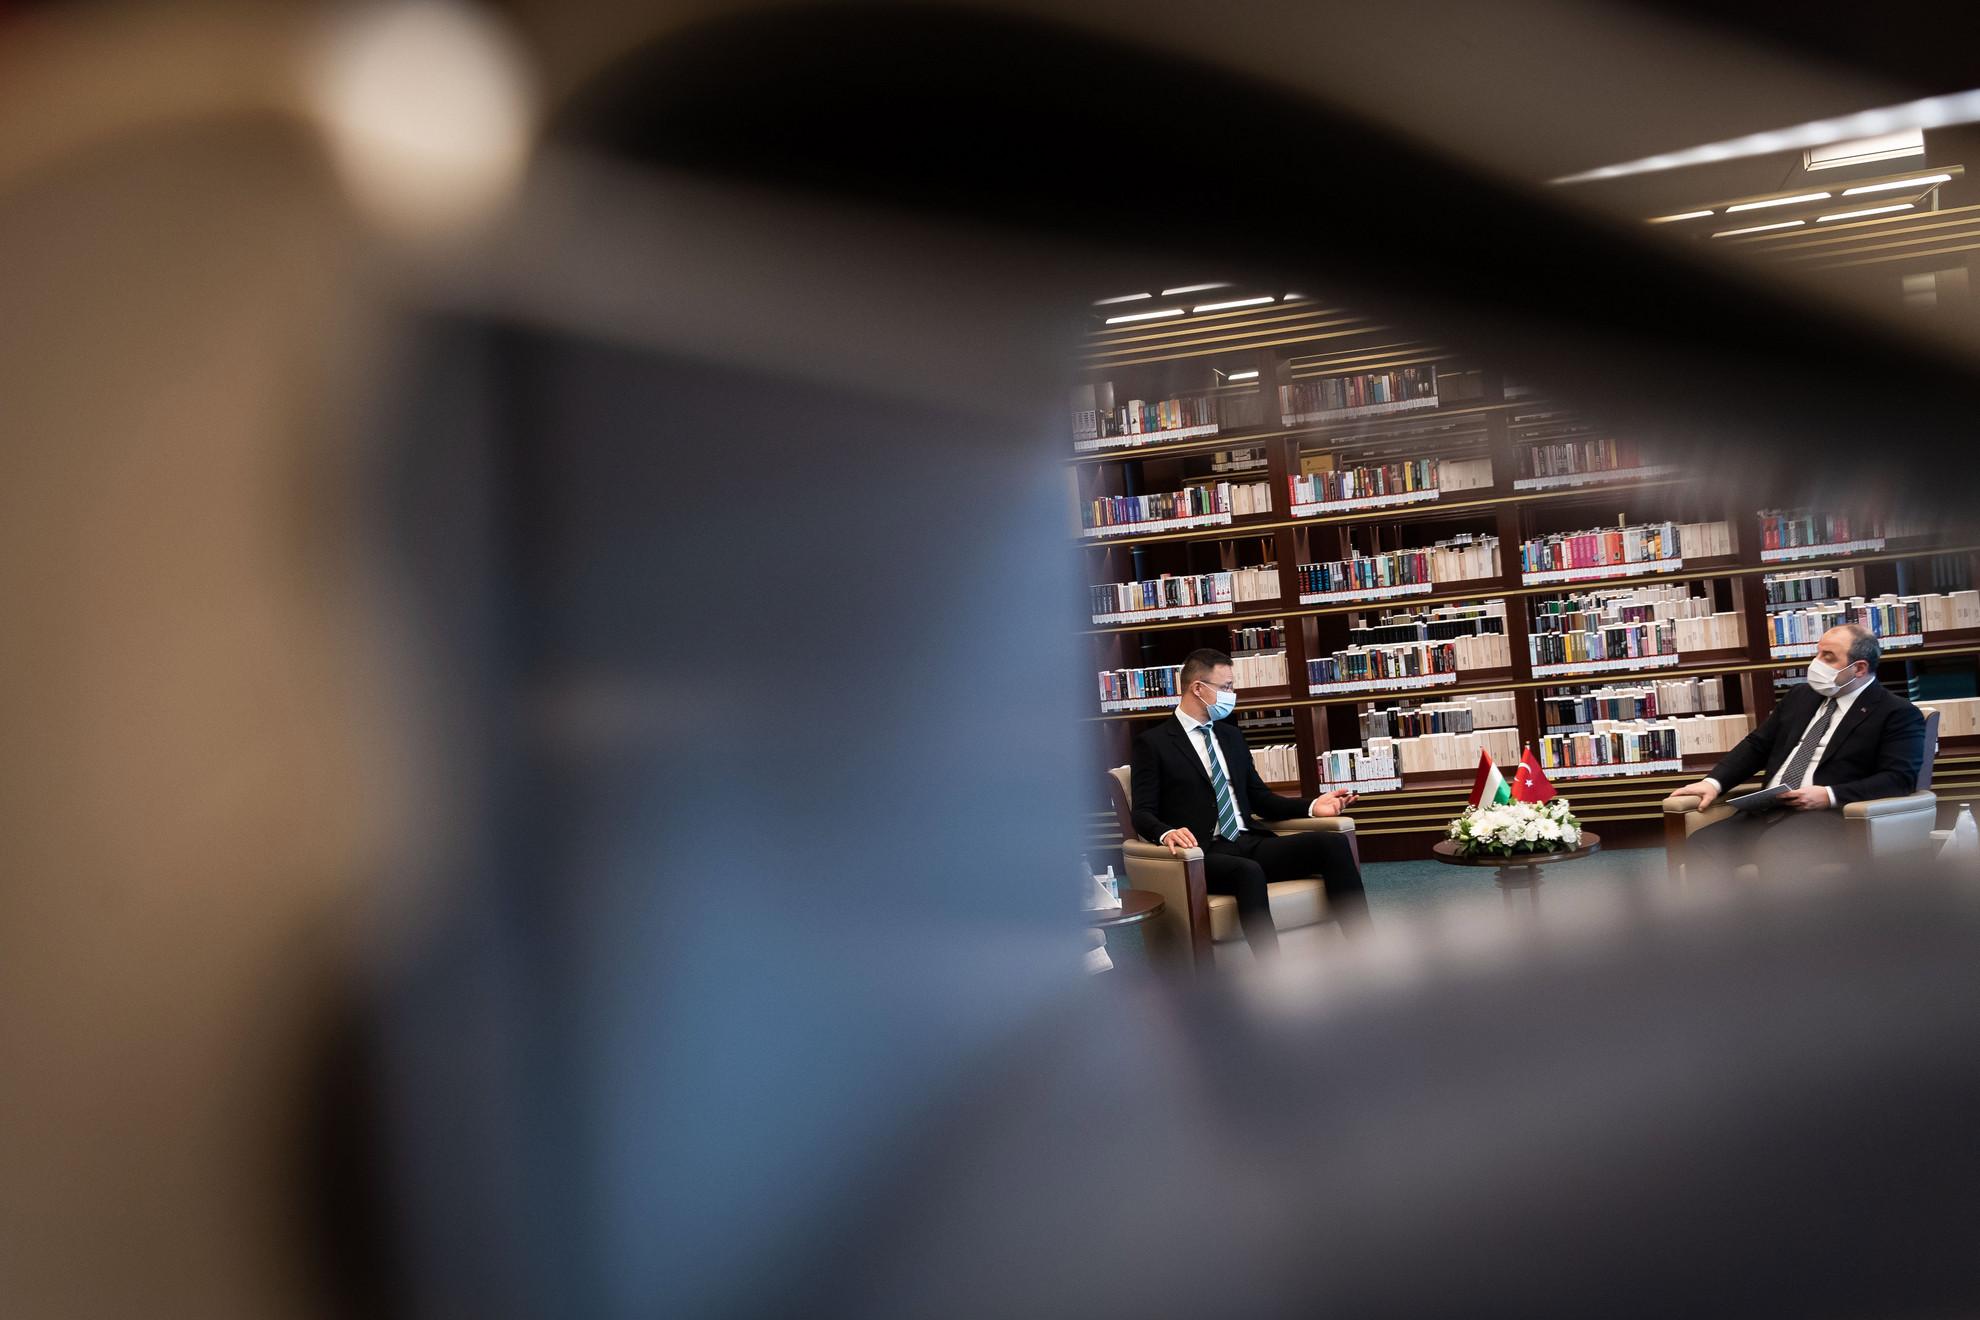 Szijjártó Péter külgazdasági és külügyminiszter (b) és Mustafa Varank török ipari és technológiai miniszter, a Magyar-Török Gazdasági Vegyes Bizottság (GVB) társelnöke megbeszélést folytat Ankarában, a Köztársasági Elnöki Könyvtárban 2020. december 8-án